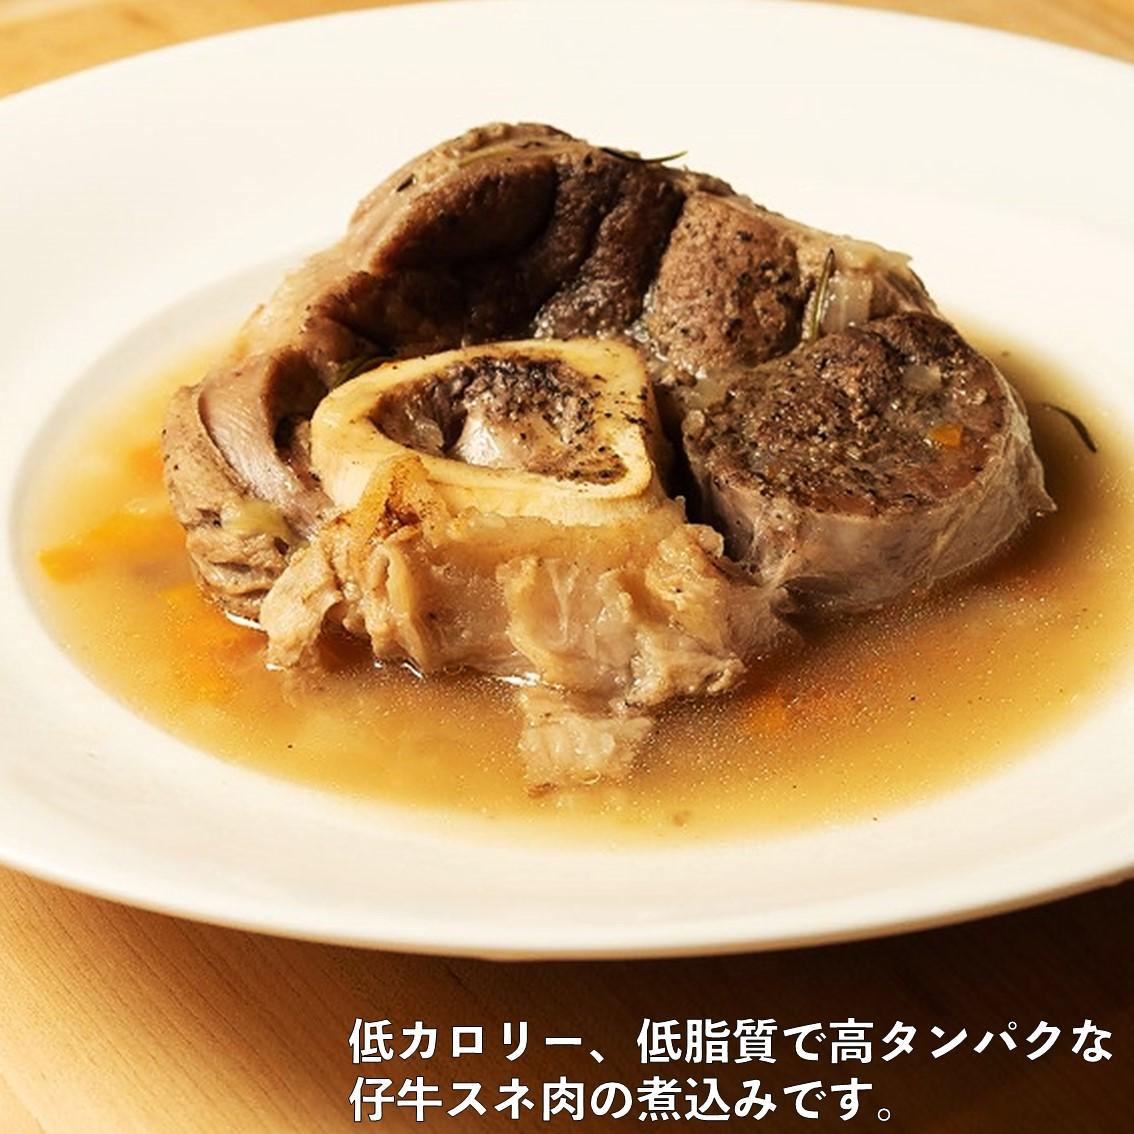 仔牛スネ肉 骨付きスライス 【カナディアンビーフ】【仔牛】1.5kgアップ